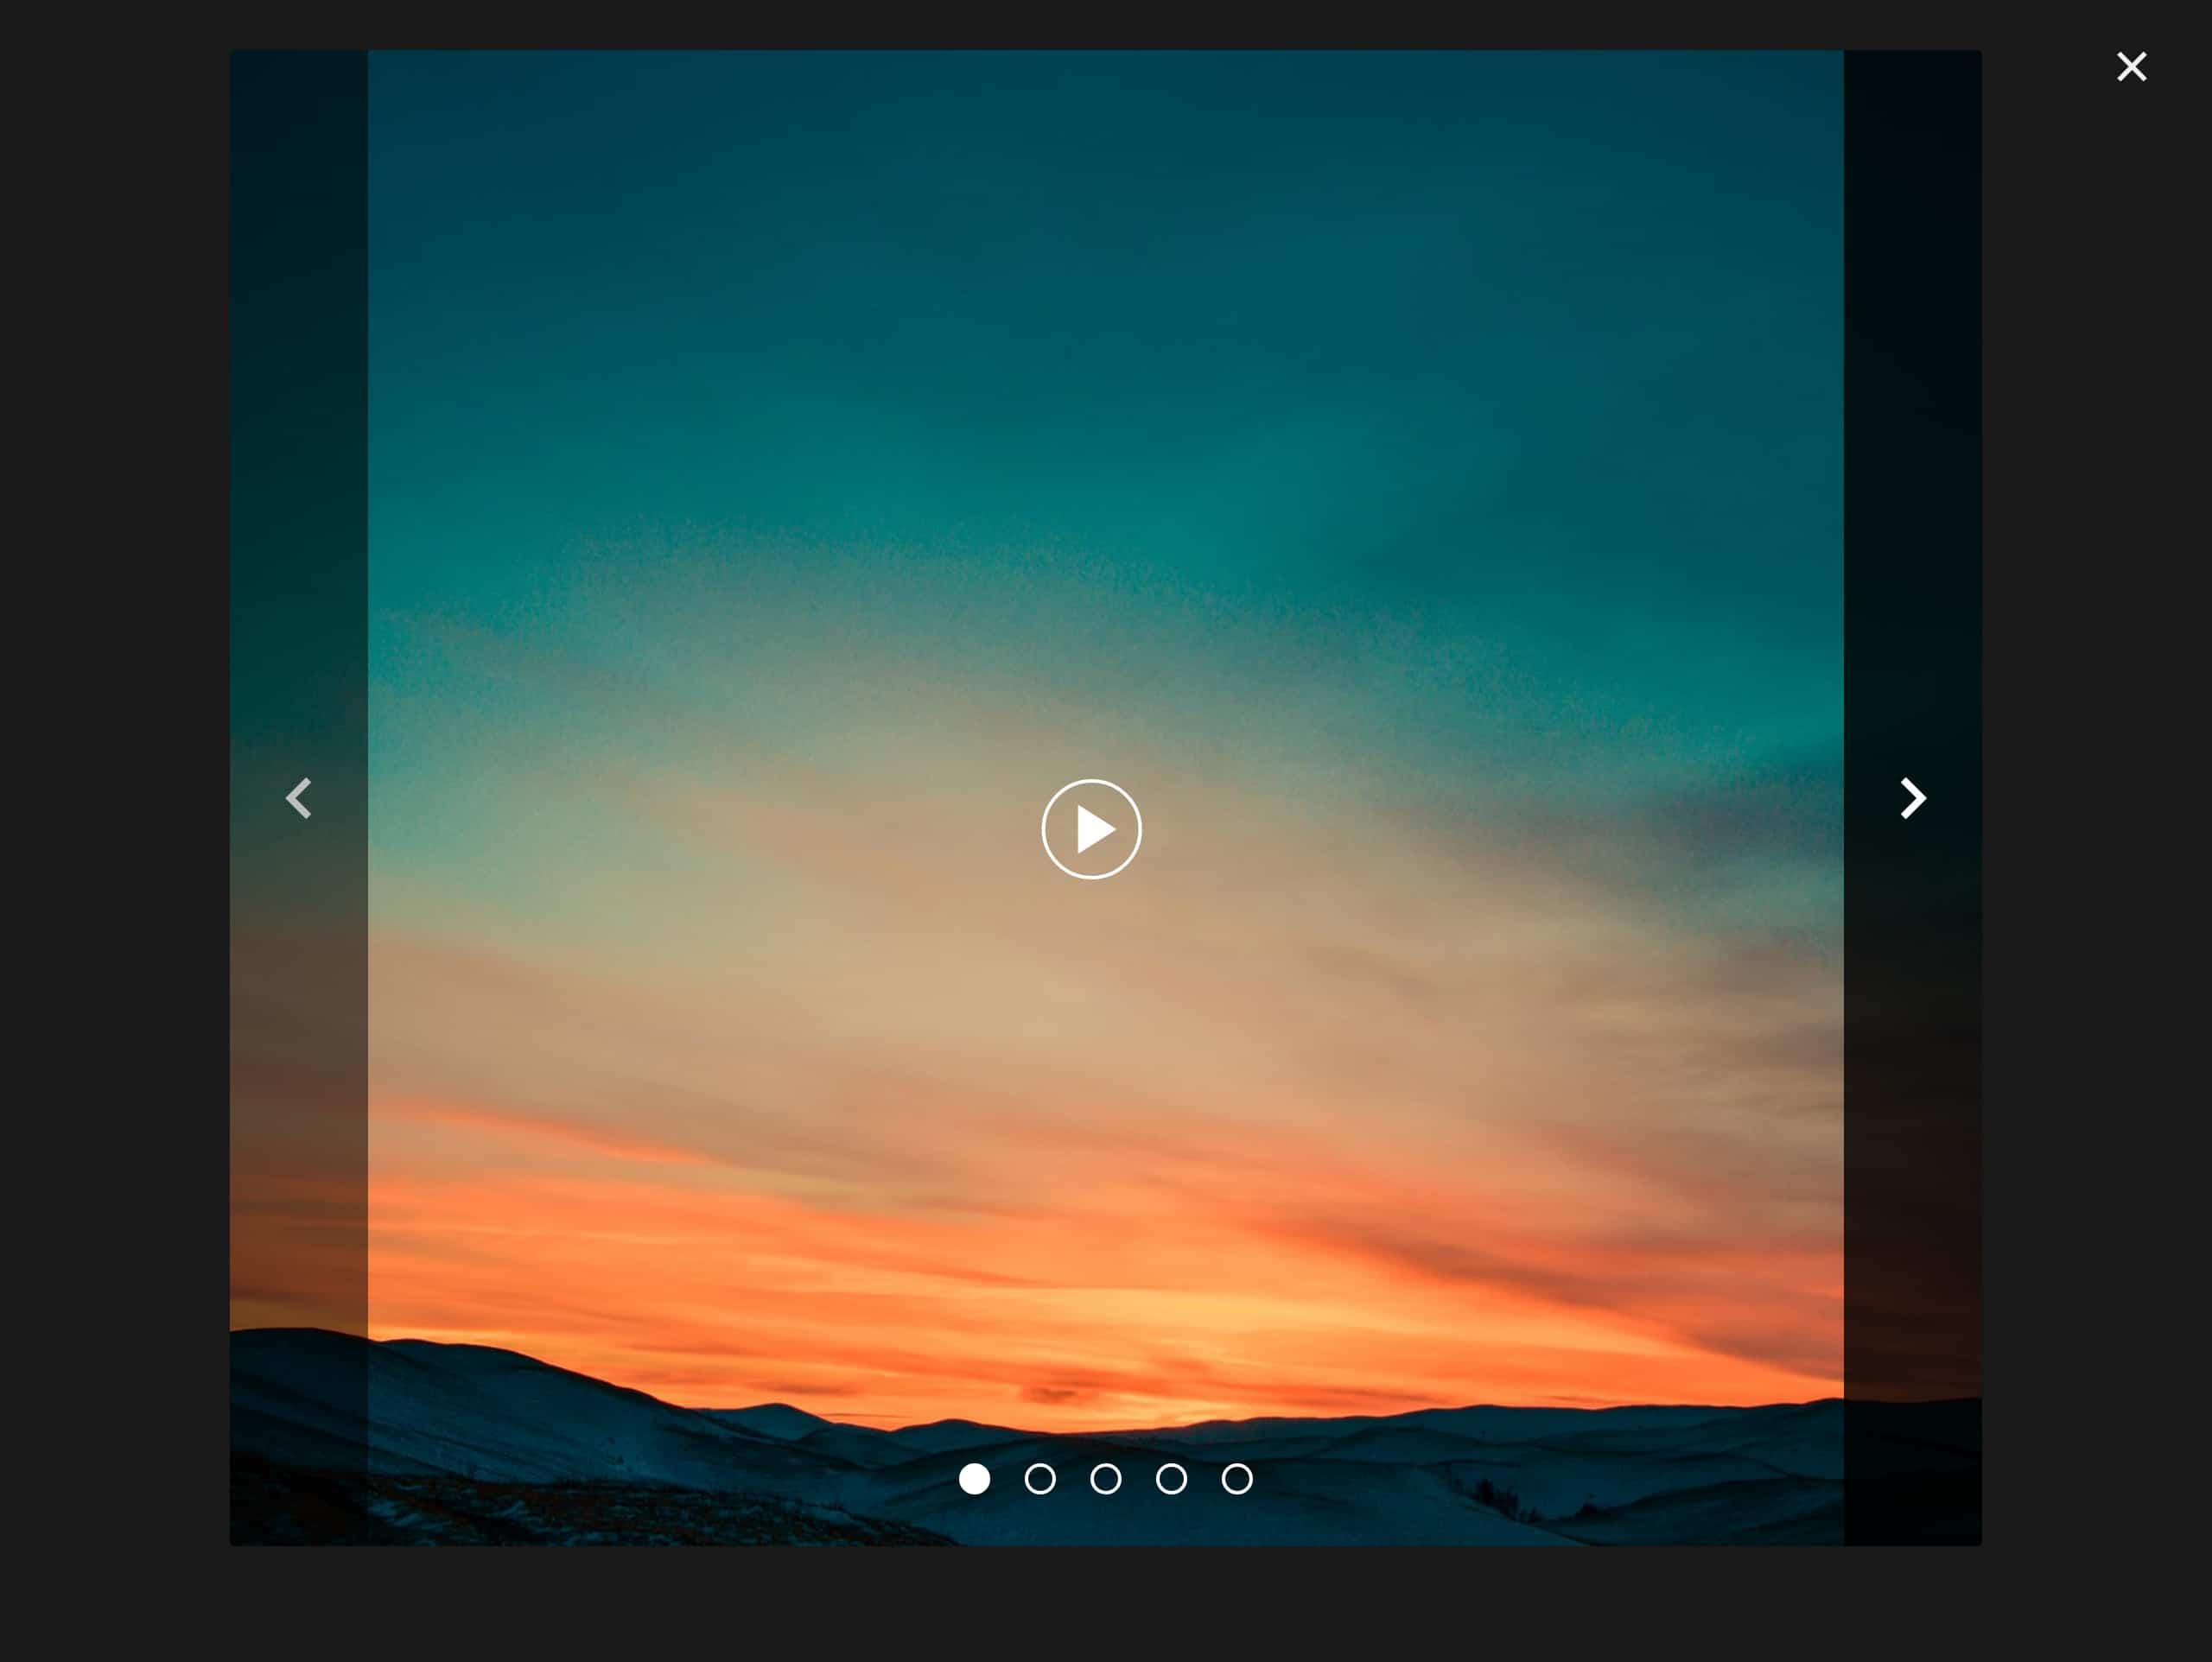 jquery mobile 1.4.5 documentation